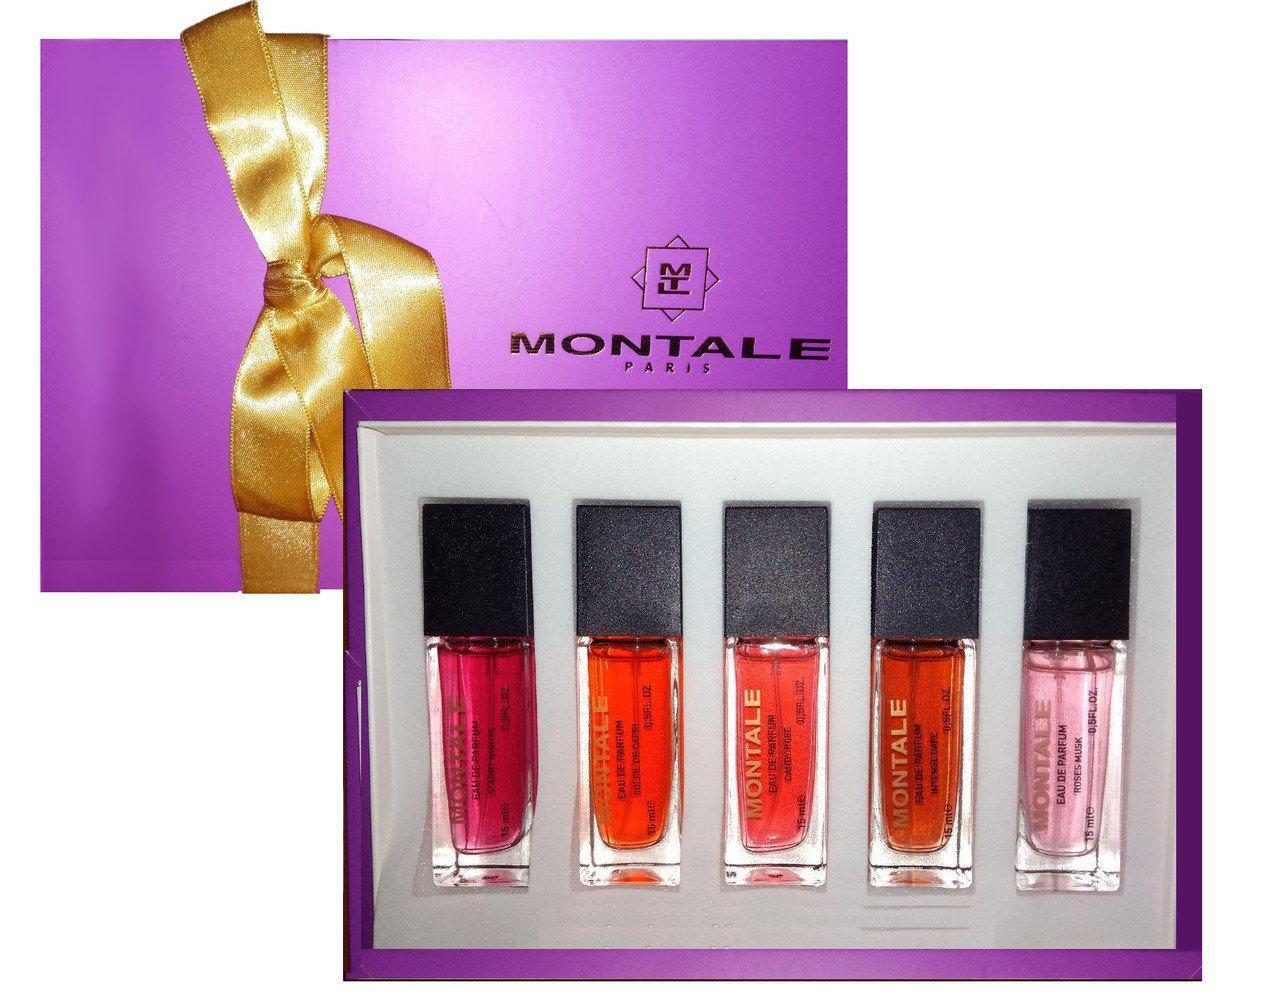 Подарочный набор мини-парфюмов Montale violet unisex 5 по 15 мл